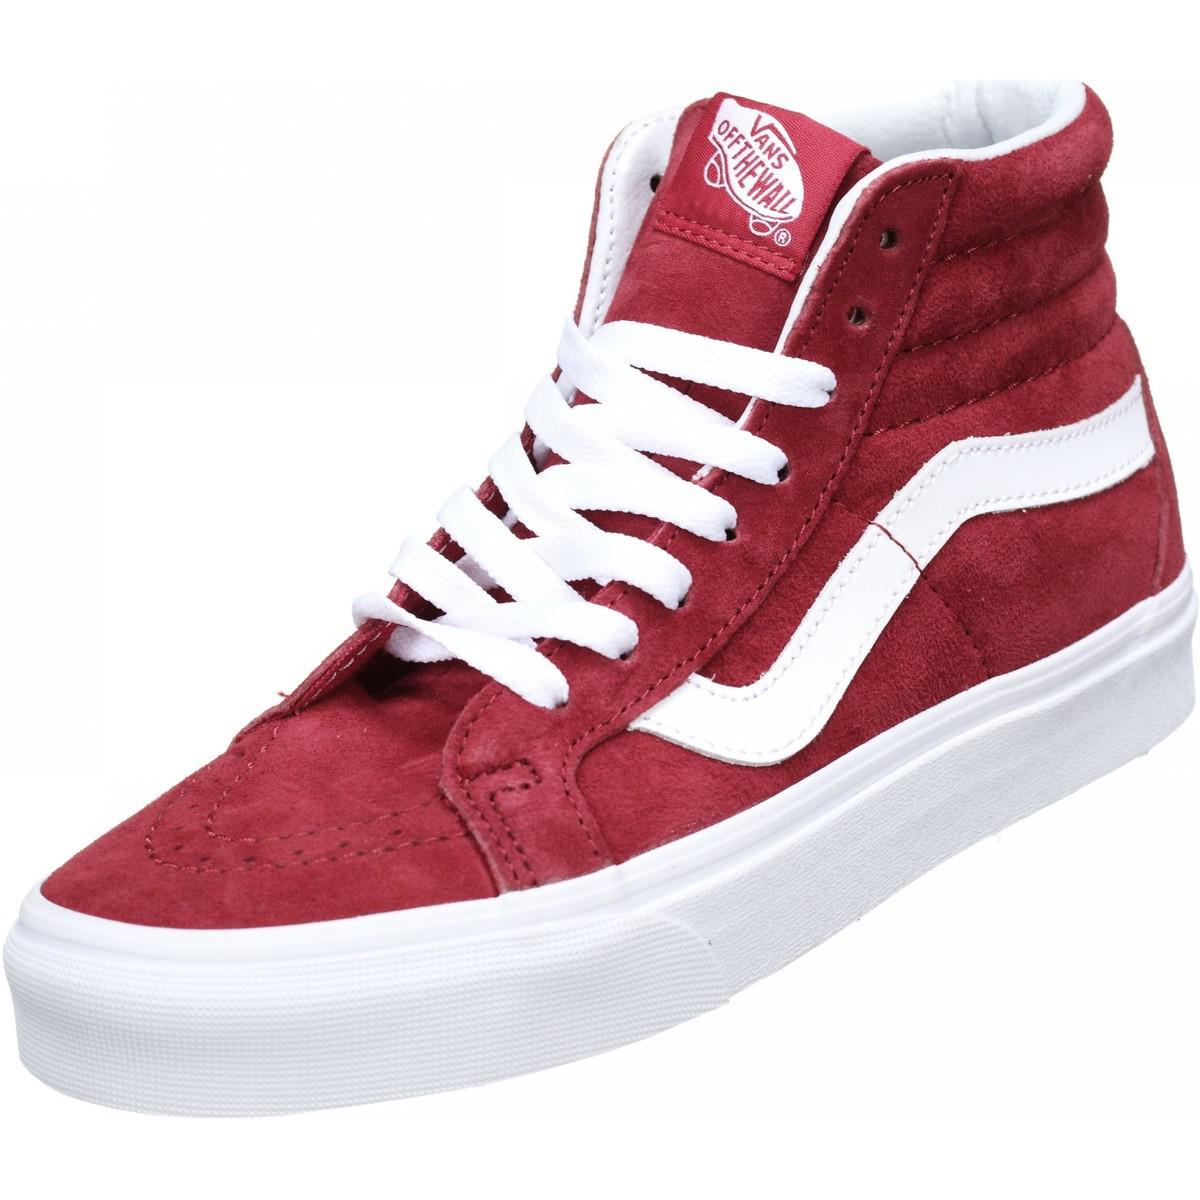 Femmes Basket Montantes Rouge Femme En Chaussures Vans Coloris 9IEH2DYW